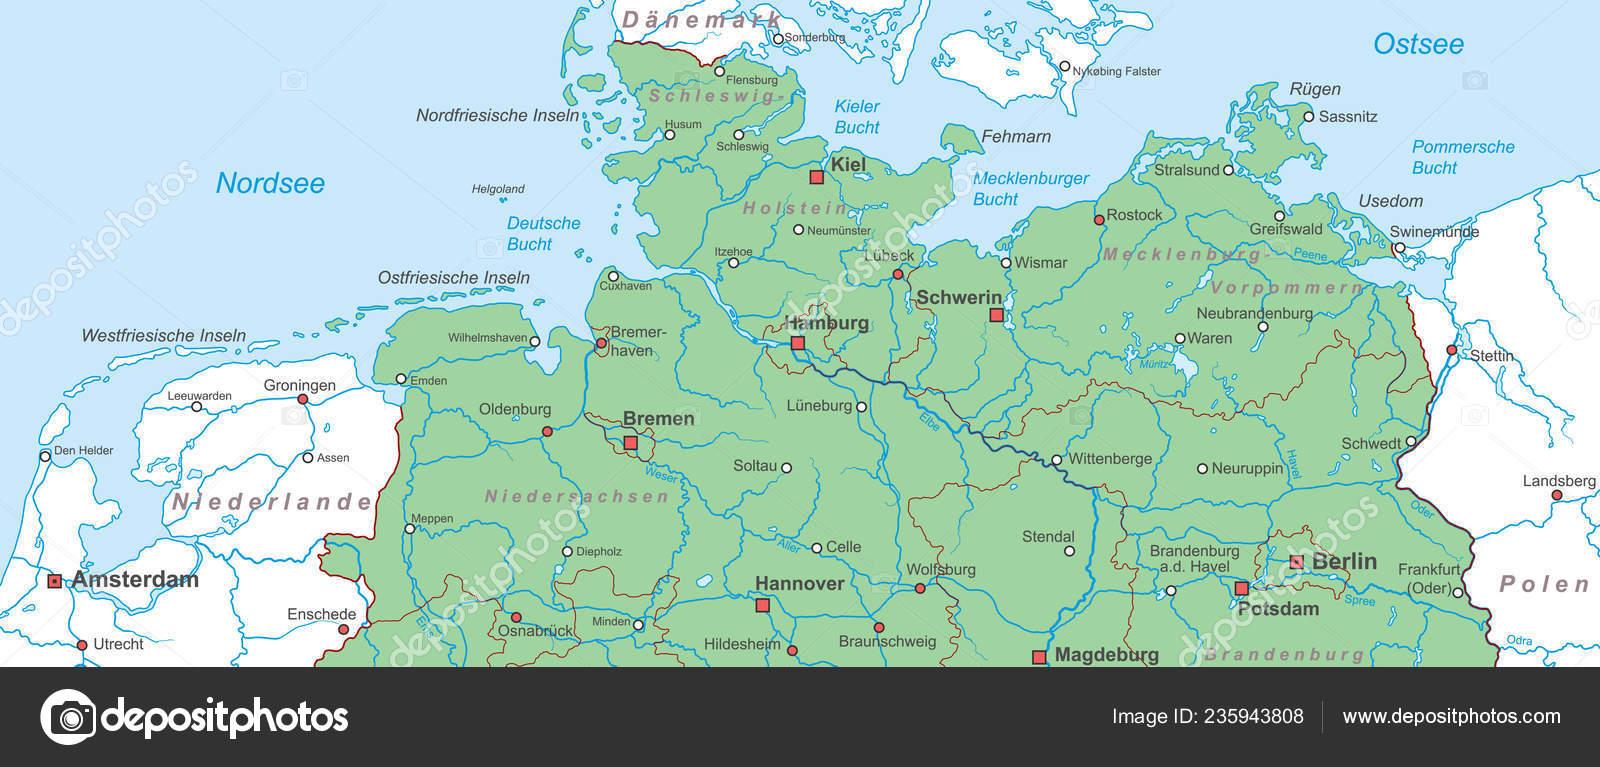 Norddeutschland Karte.Deutschland Karte Von Norddeutschland Hoch Detailliert Stockvektor